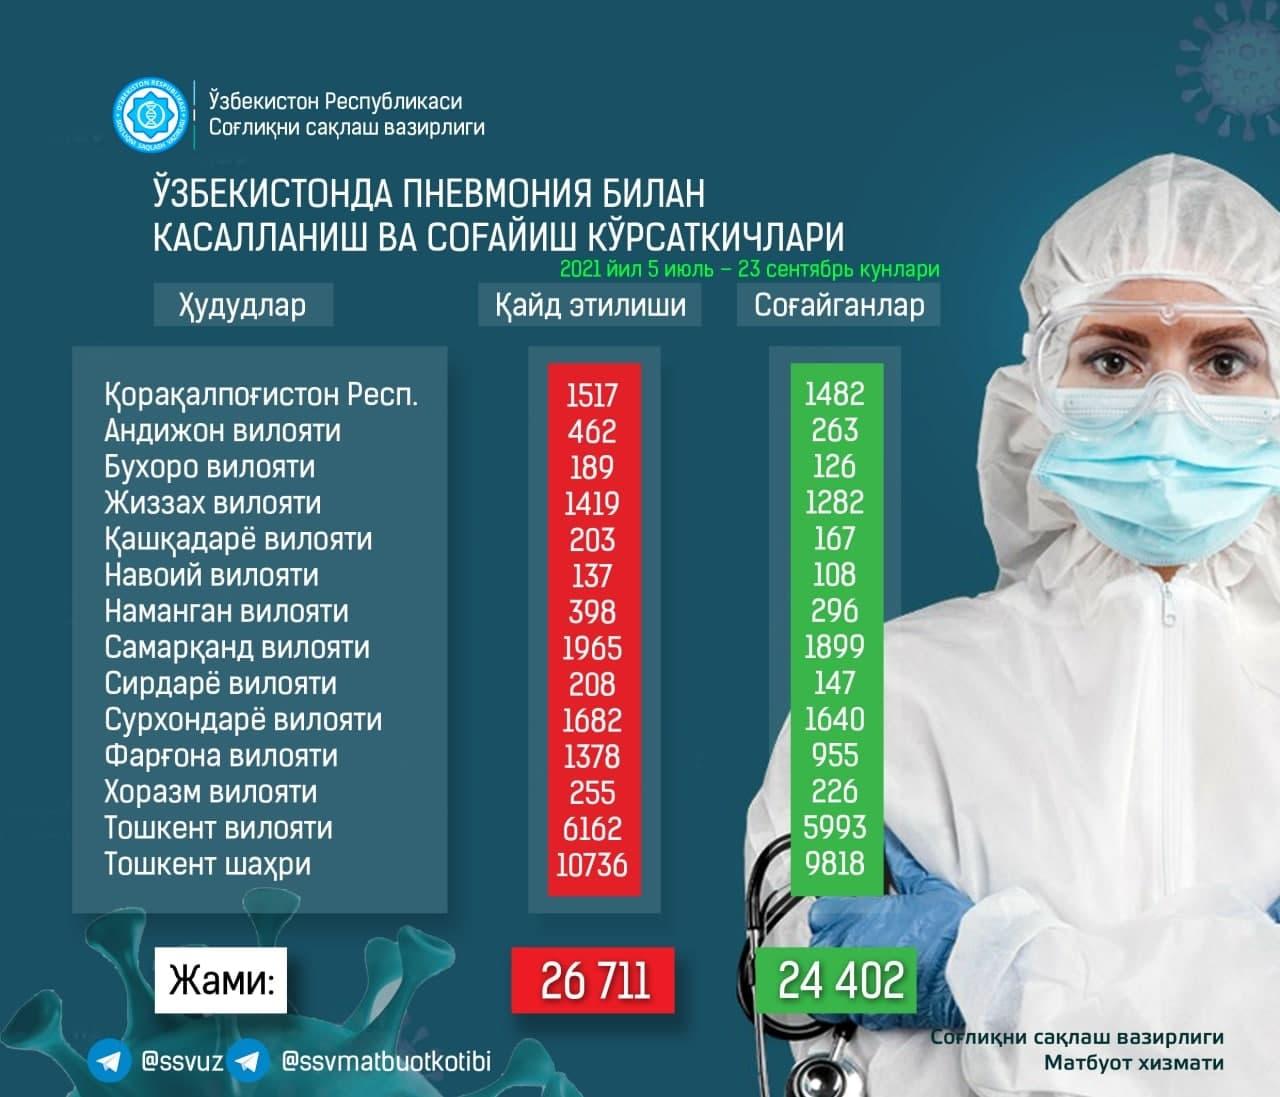 Опубликована новая статистика по пневмонии в Узбекистане